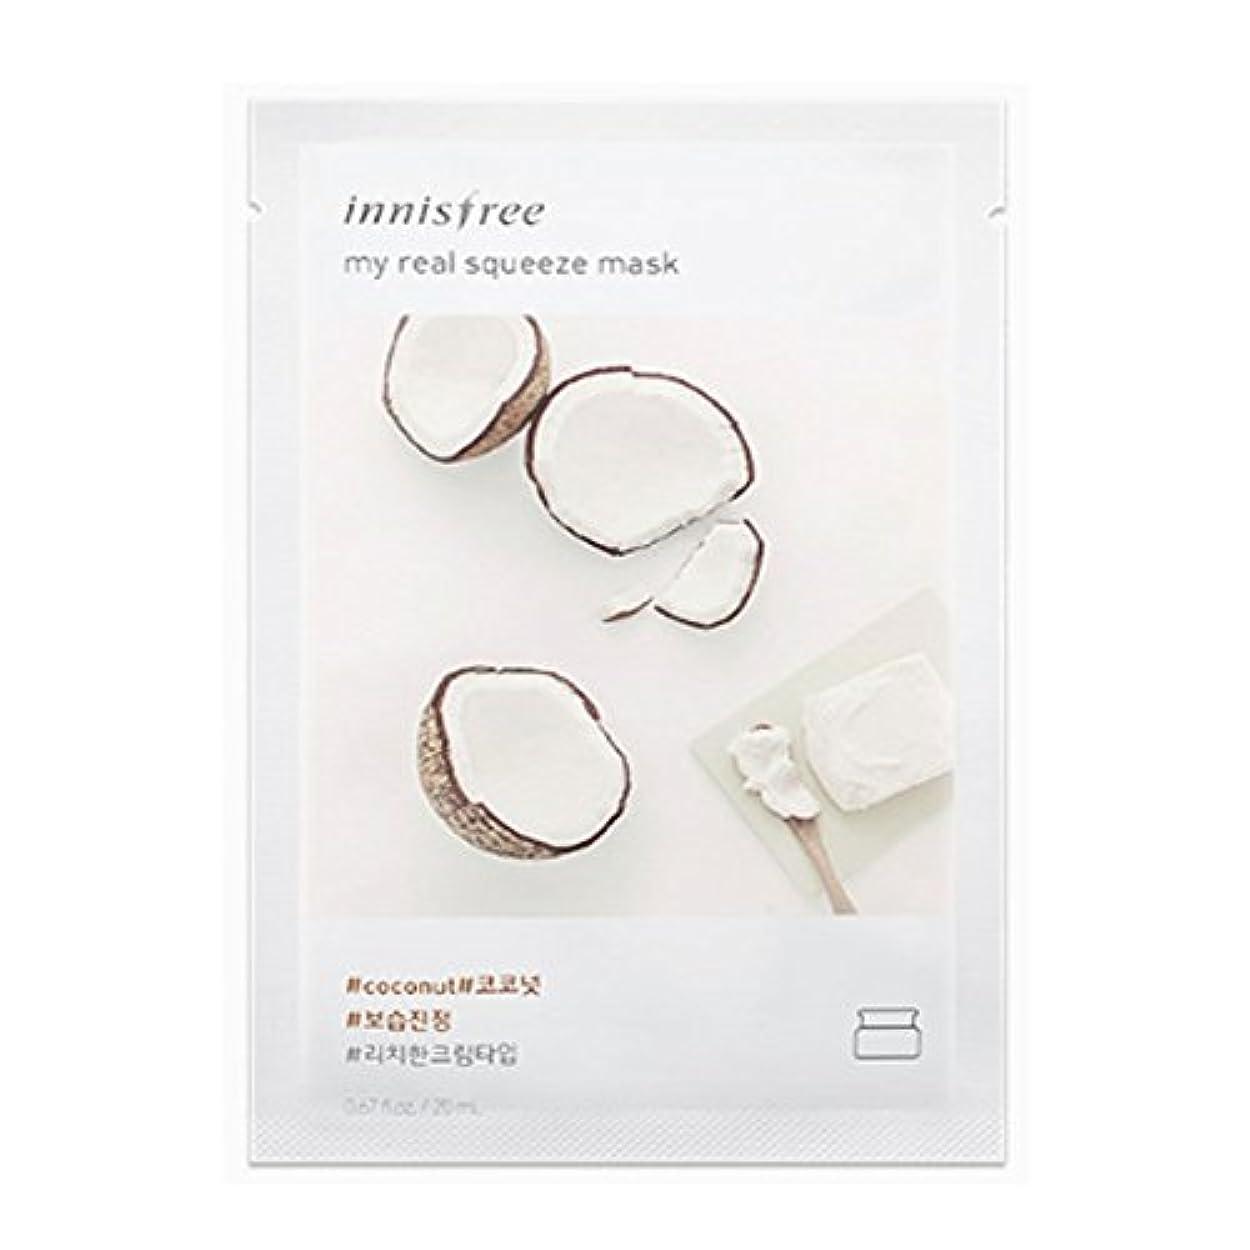 バッチ下品音楽を聴くイニスフリーダブルフィットリフティングマスク17g + 19g Innisfree Double Fit Lifting Mask 17g+19g [海外直送品][並行輸入品] (#1-Elastic moisturizing)